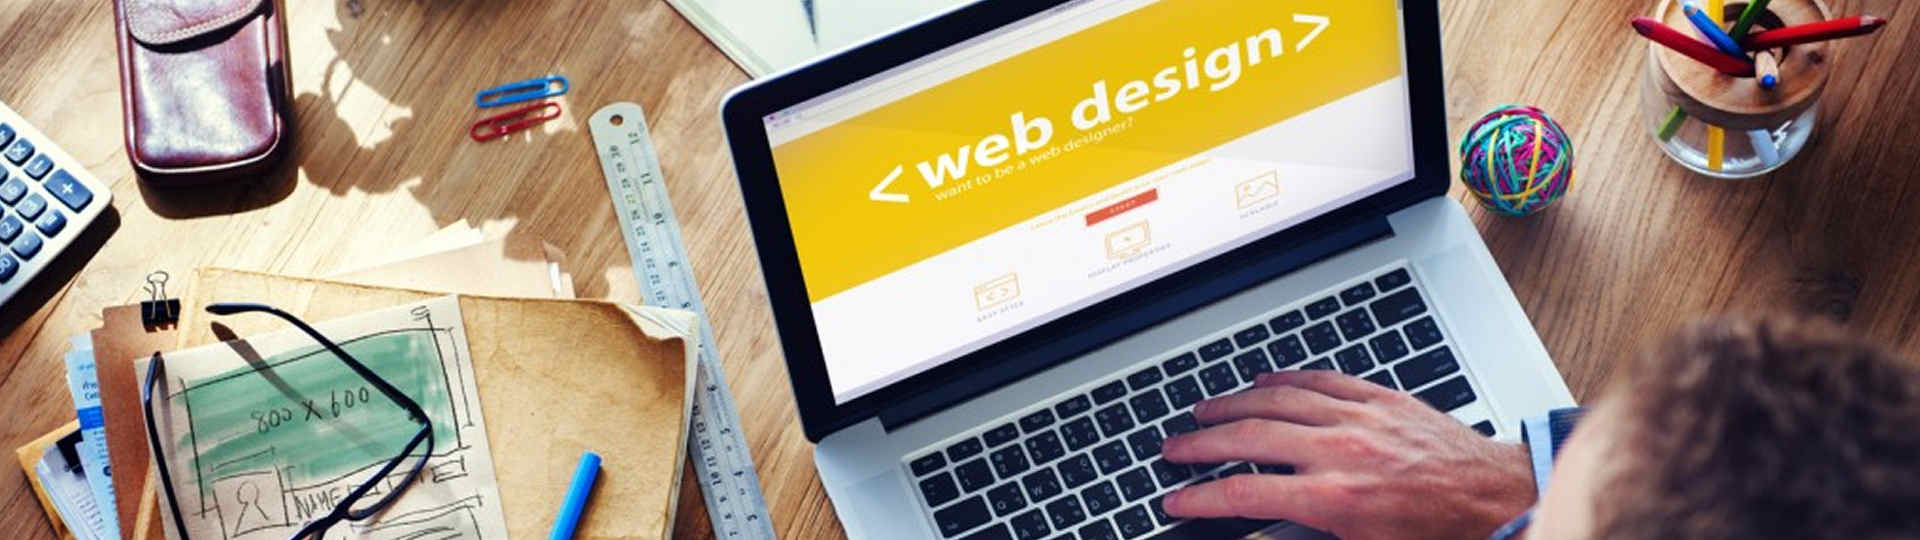 Preventivo per Sviluppo siti Web Monza e Brianza